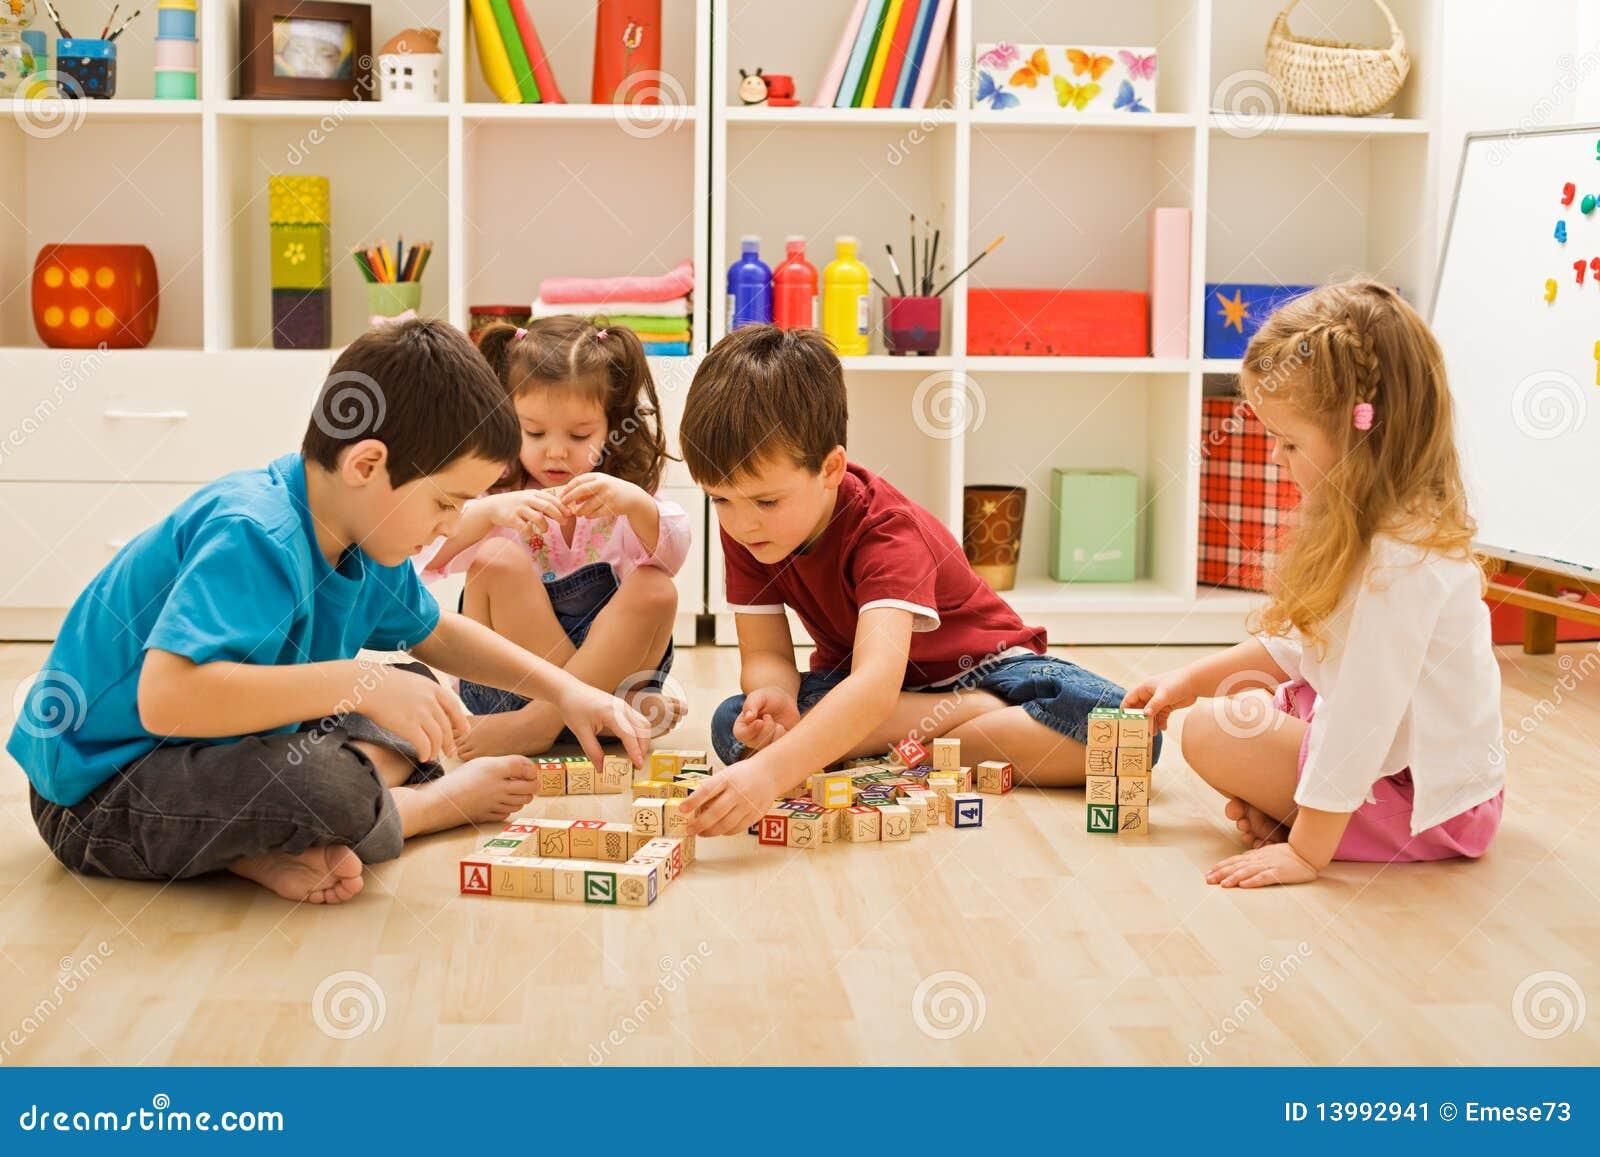 Kinderen die met blokken spelen